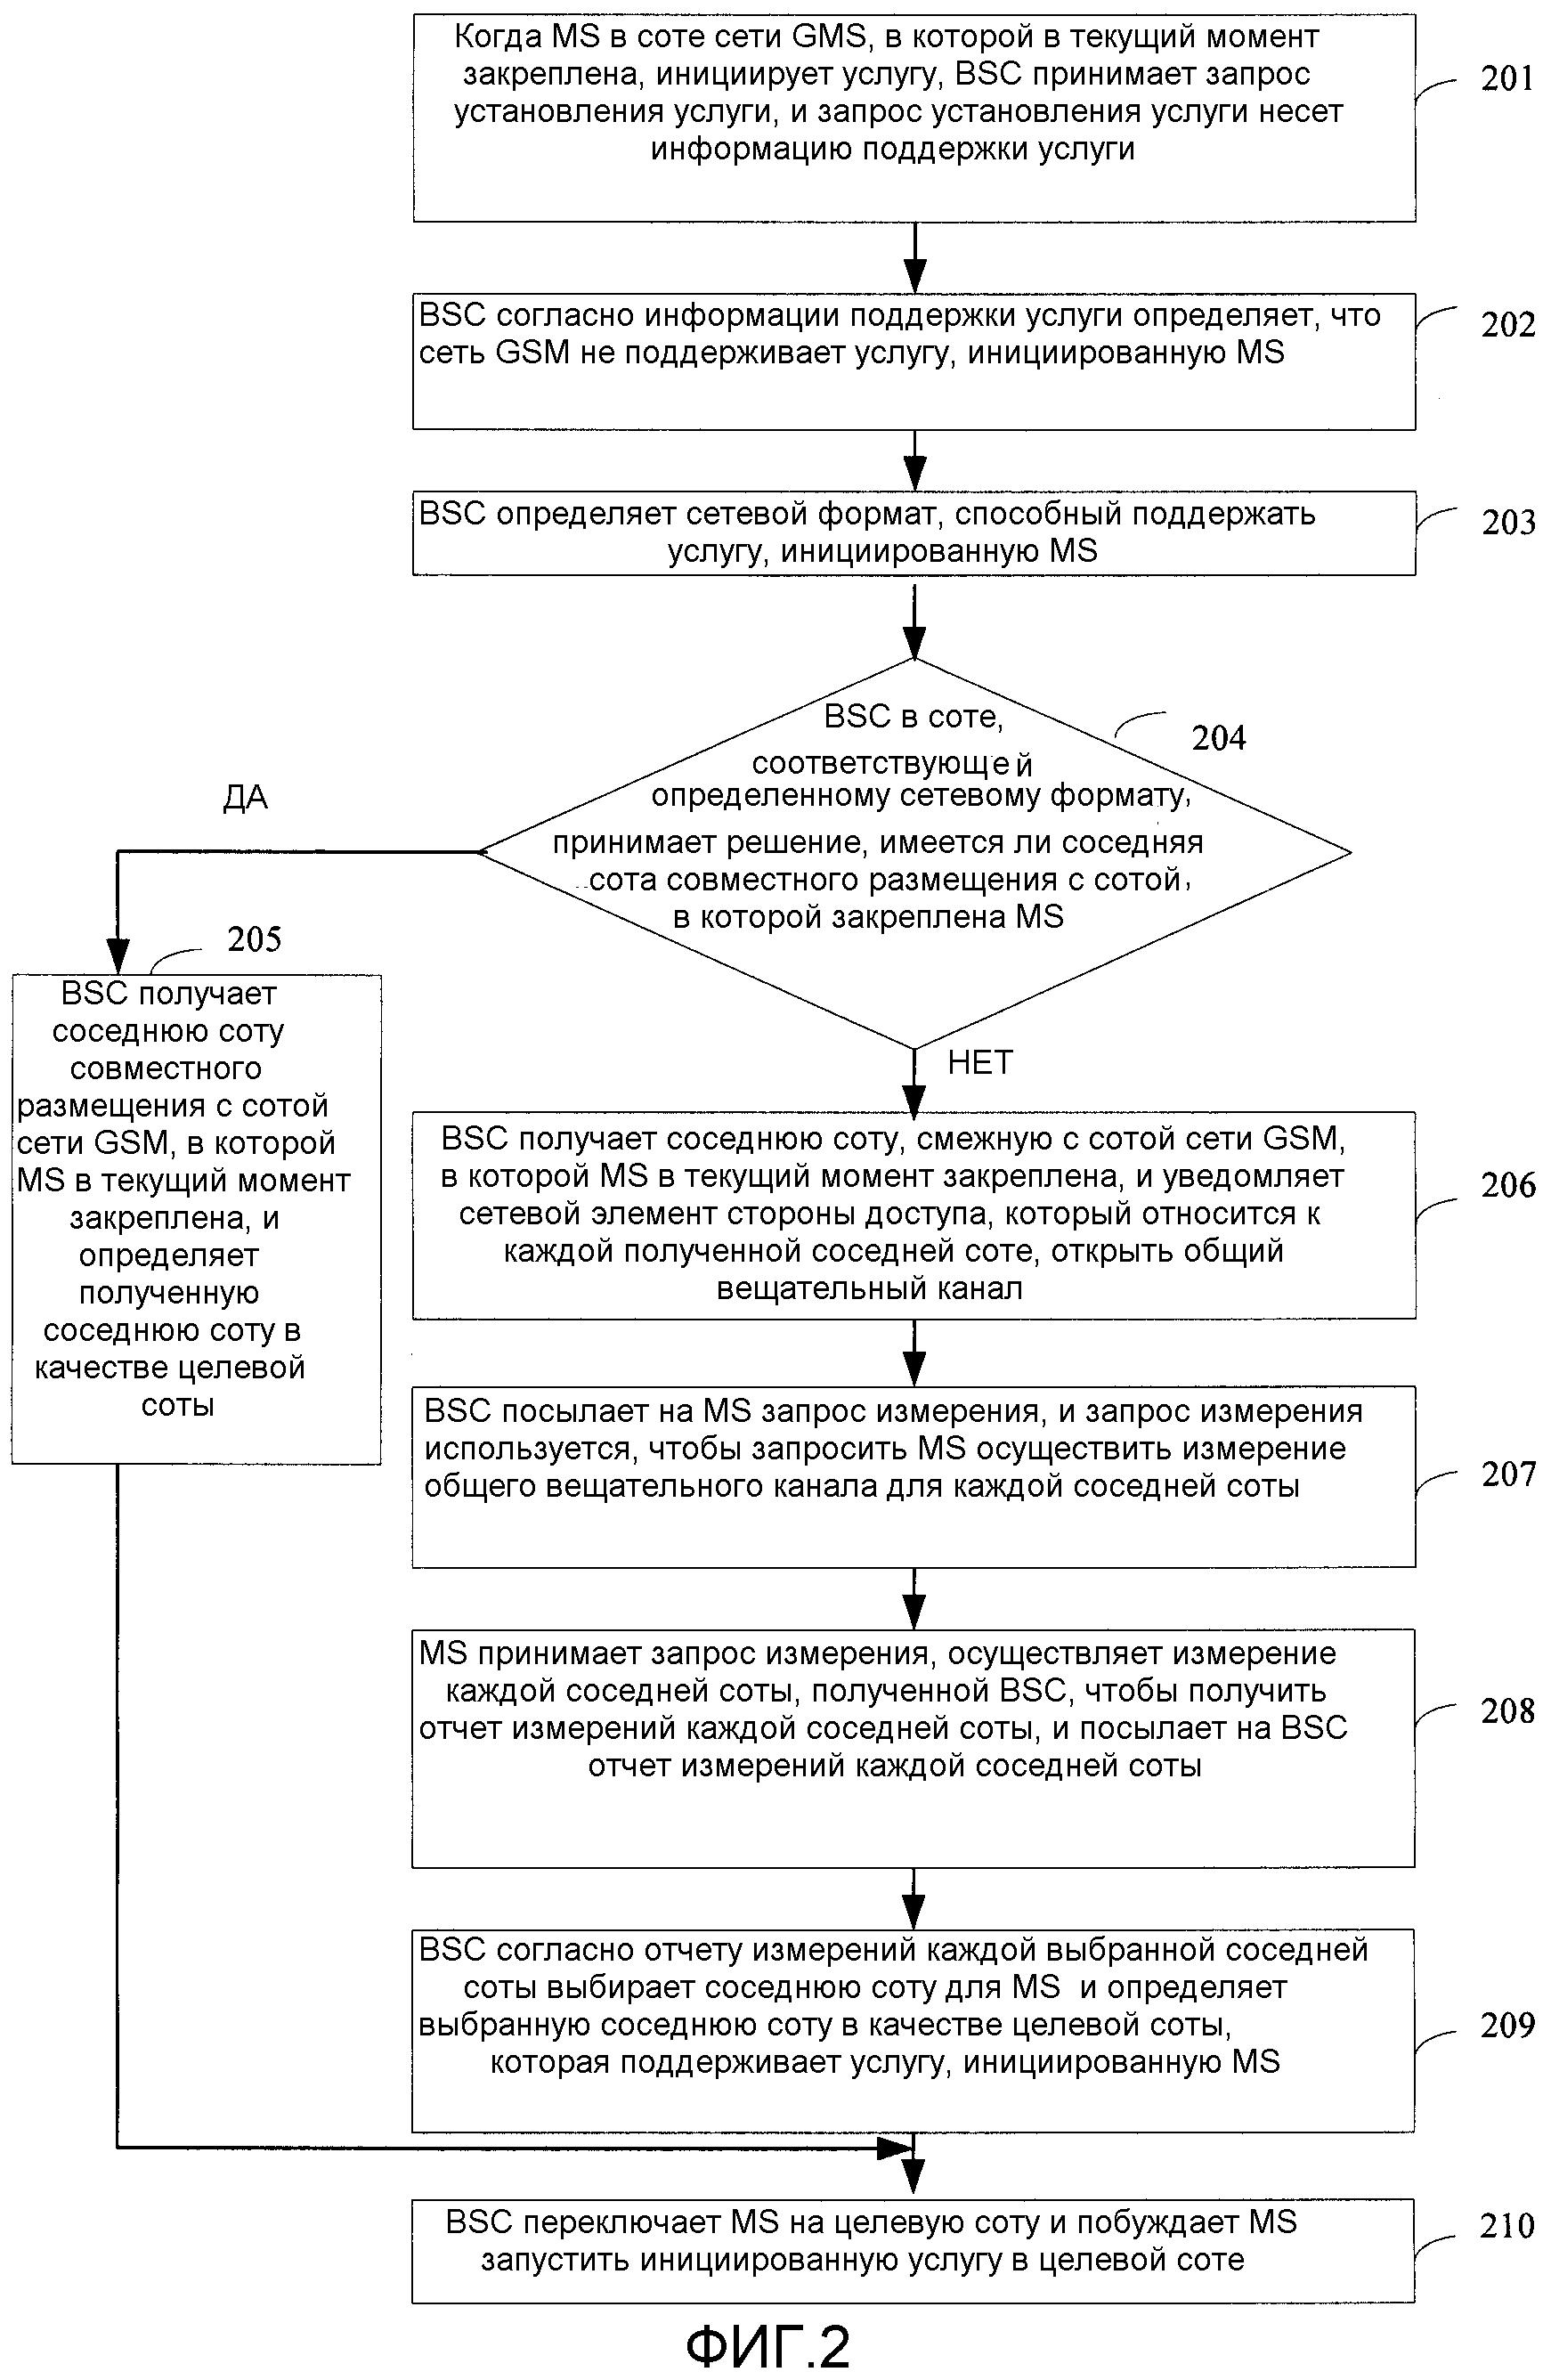 Способ, устройство и система установления услуги